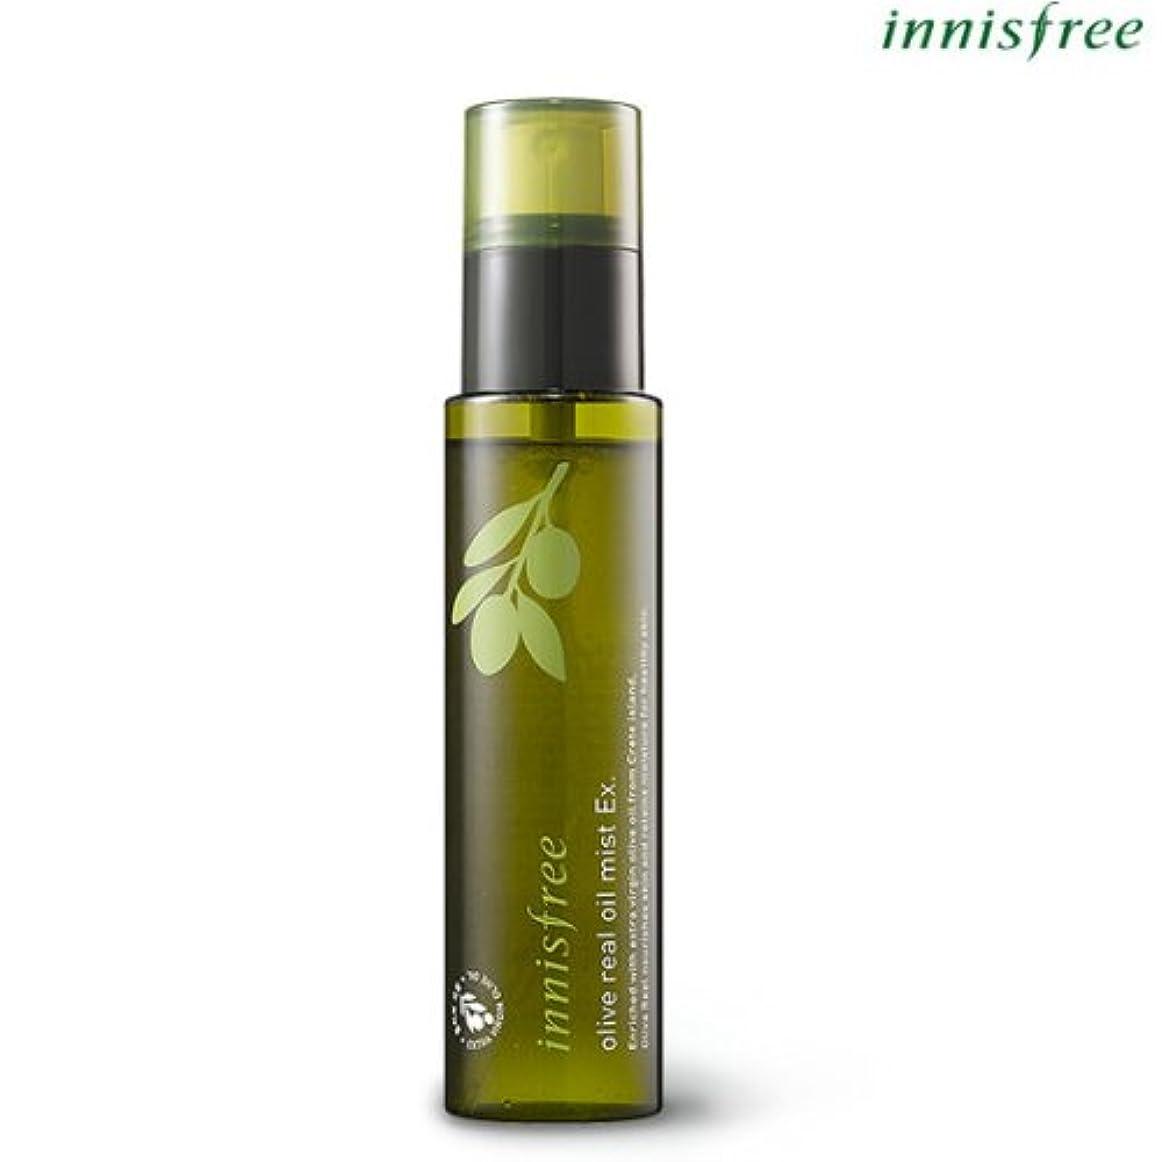 カリング花瓶犠牲[INNISFREE]イニスフリーオリーブリアルオイルミストEx.80mL olive real oil mist Ex. 80mL [並行輸入品]